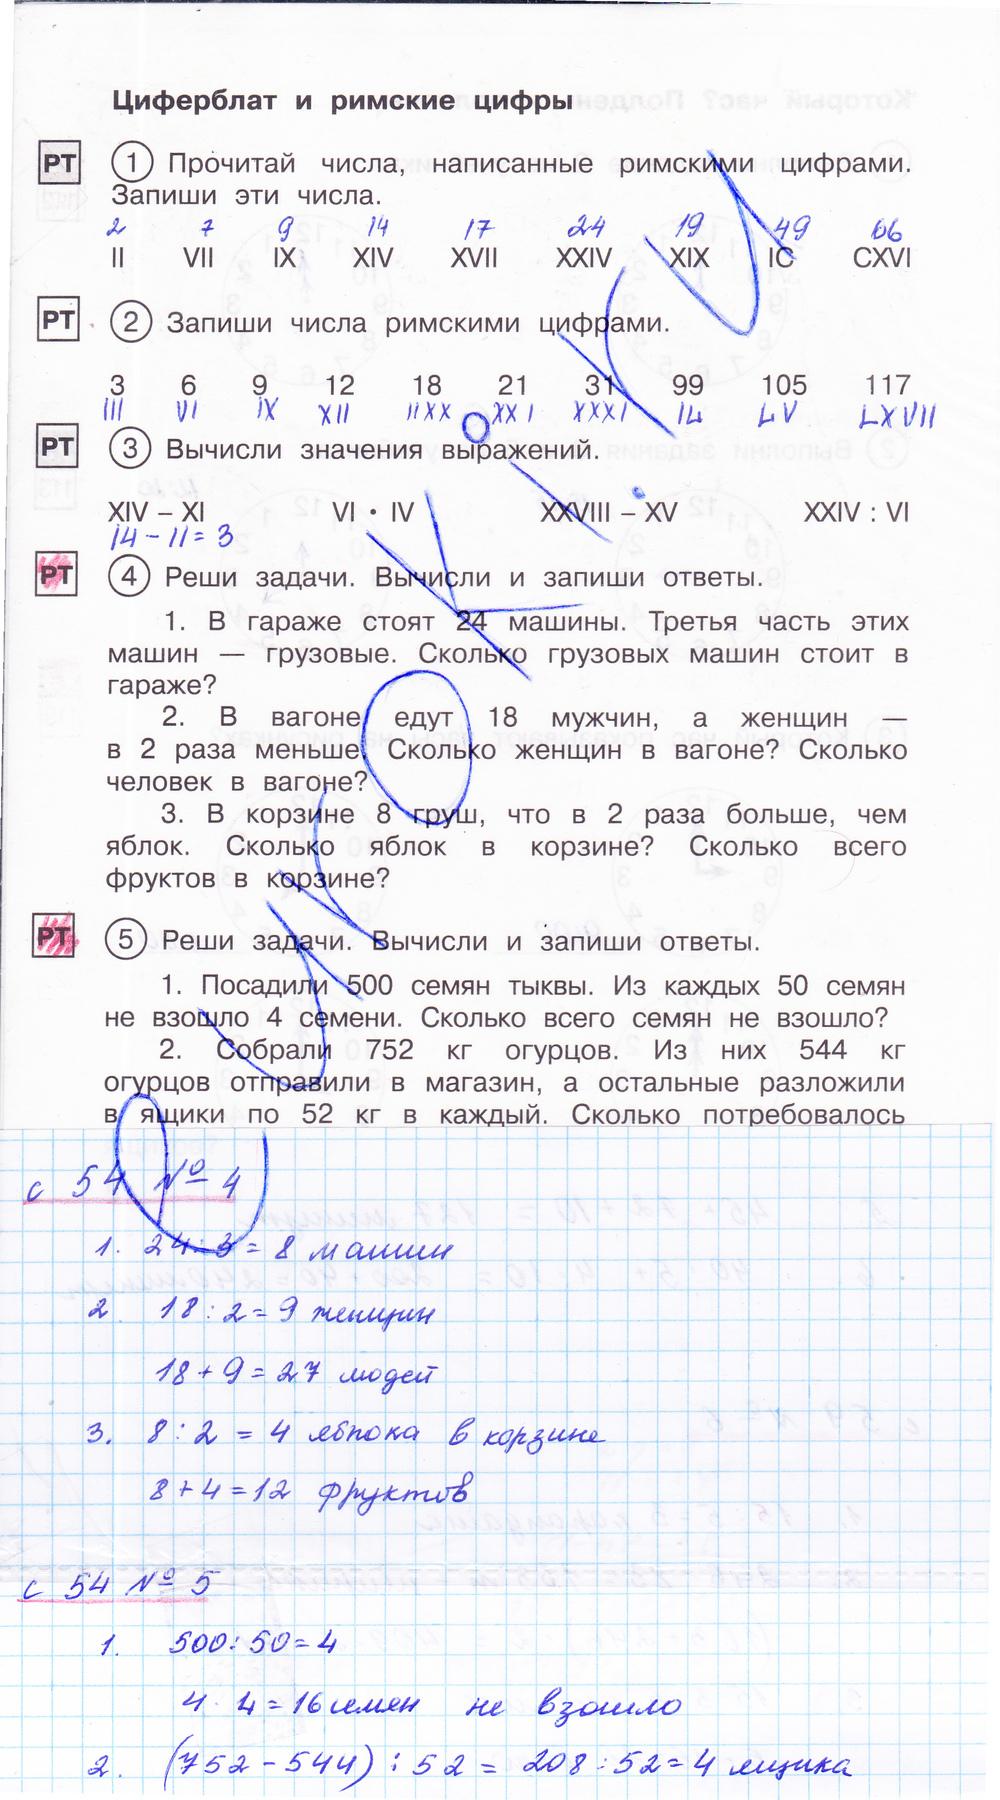 Гдз по рабочая тетрадь по математике 2 класс захарова юдина ответы 2 часть